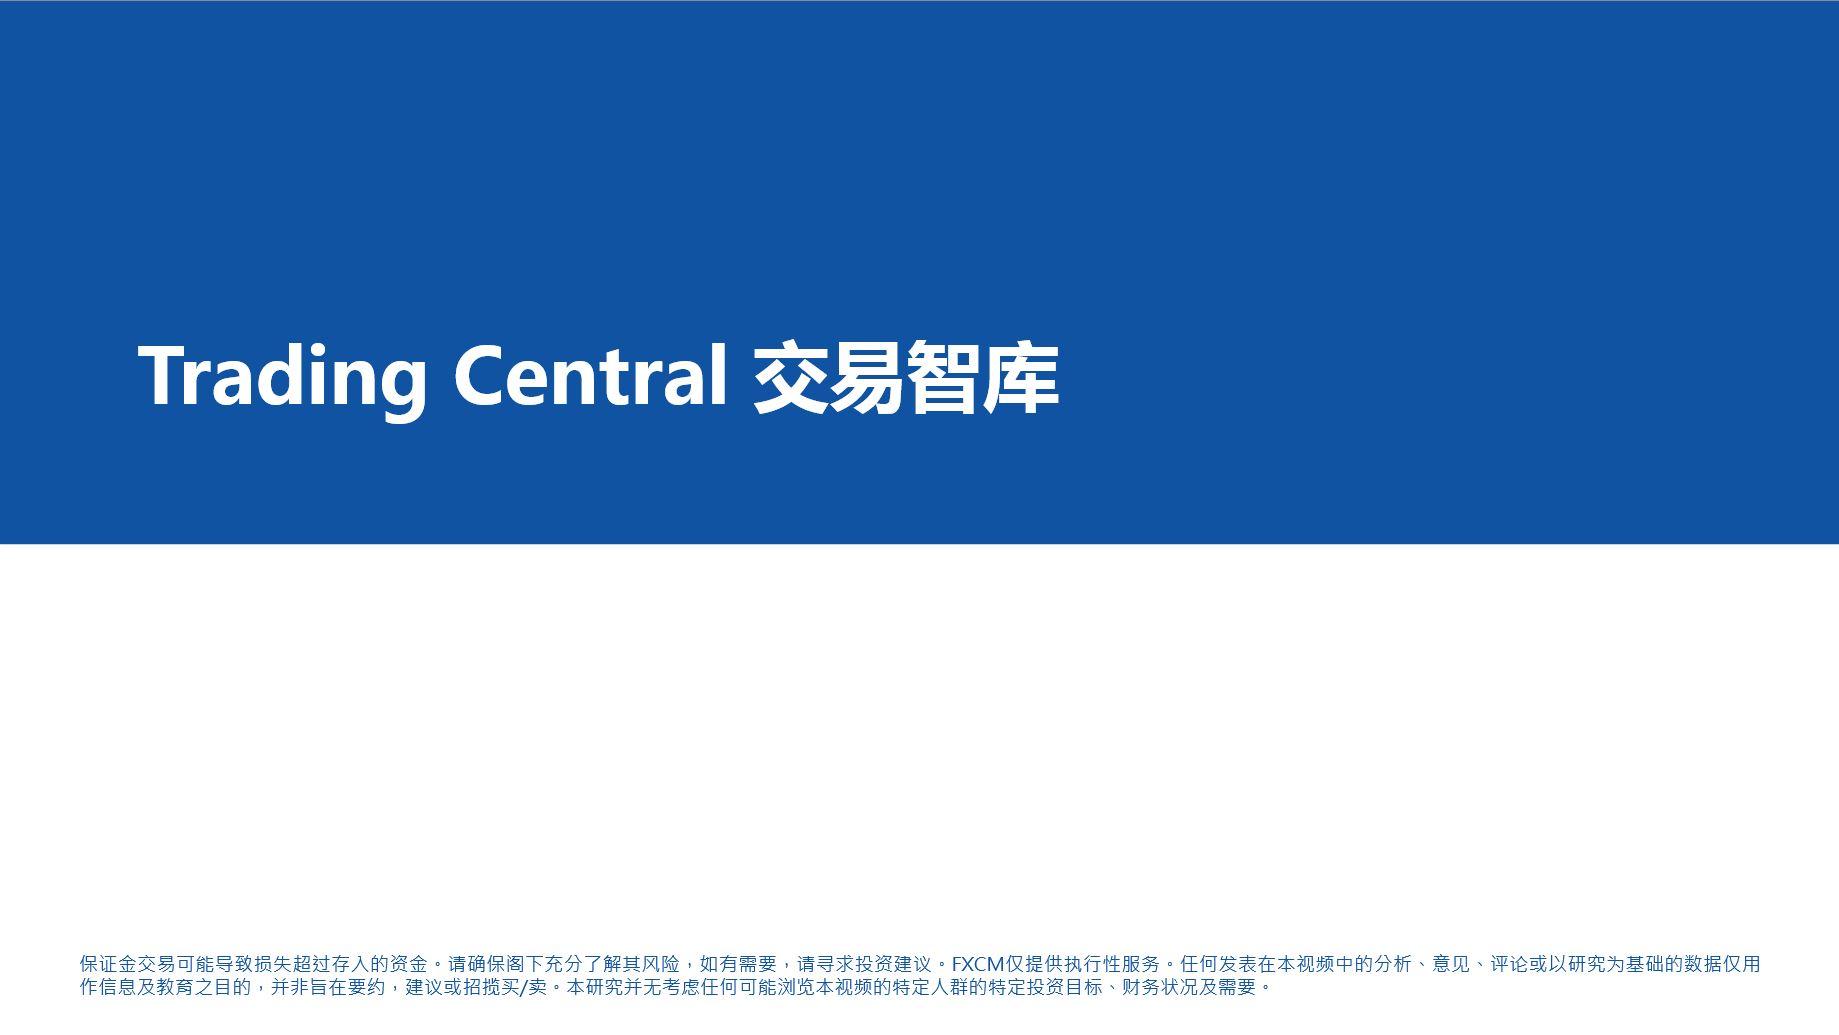 Trading Central交易智库